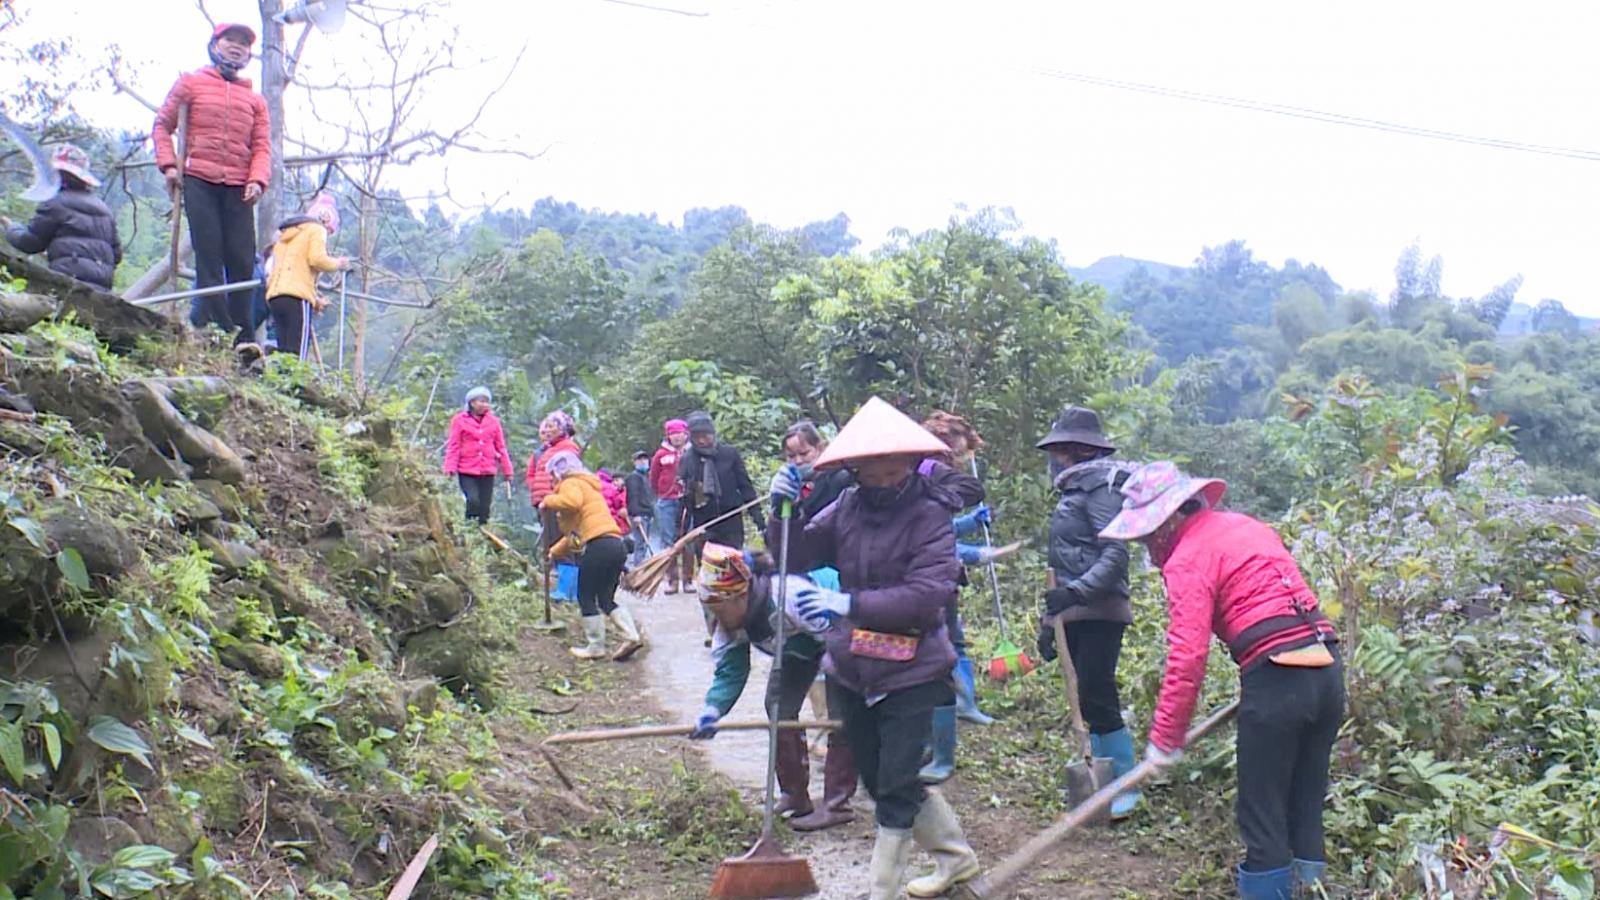 Hơn 27.000 người huyện Bảo Thắng tham gia vệ sinh môi trường